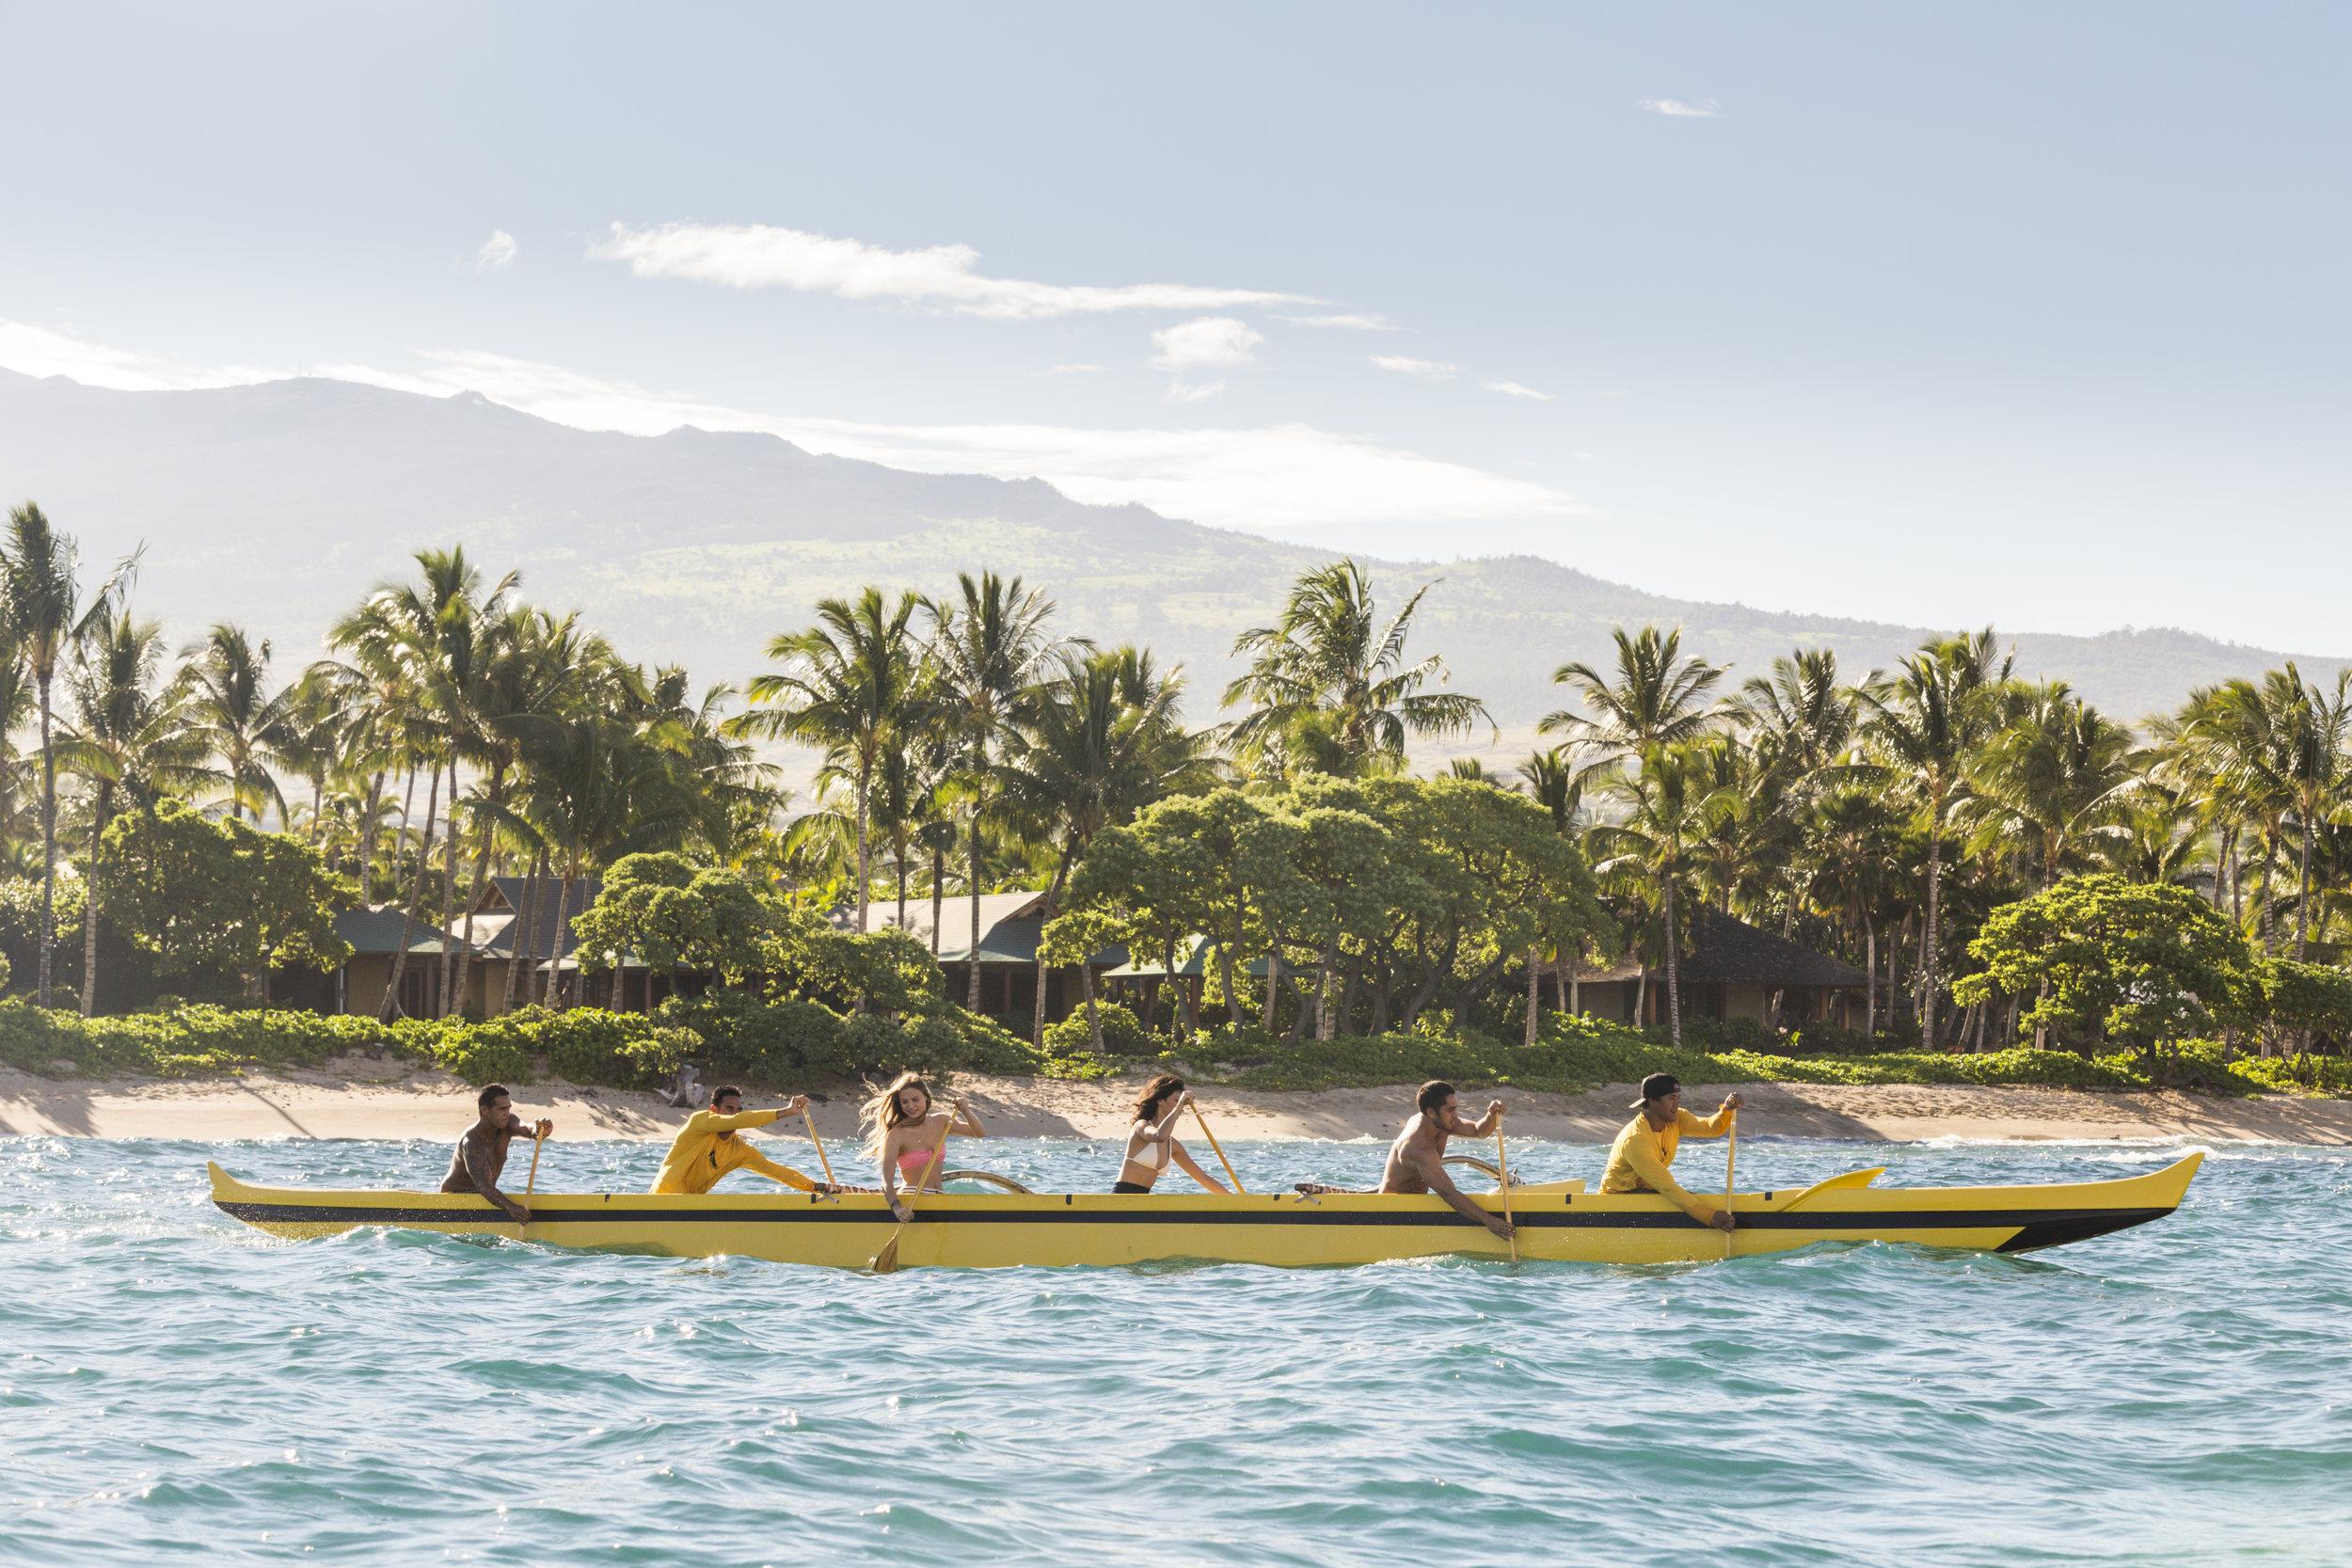 Canoe_Island of Hawaii.jpg